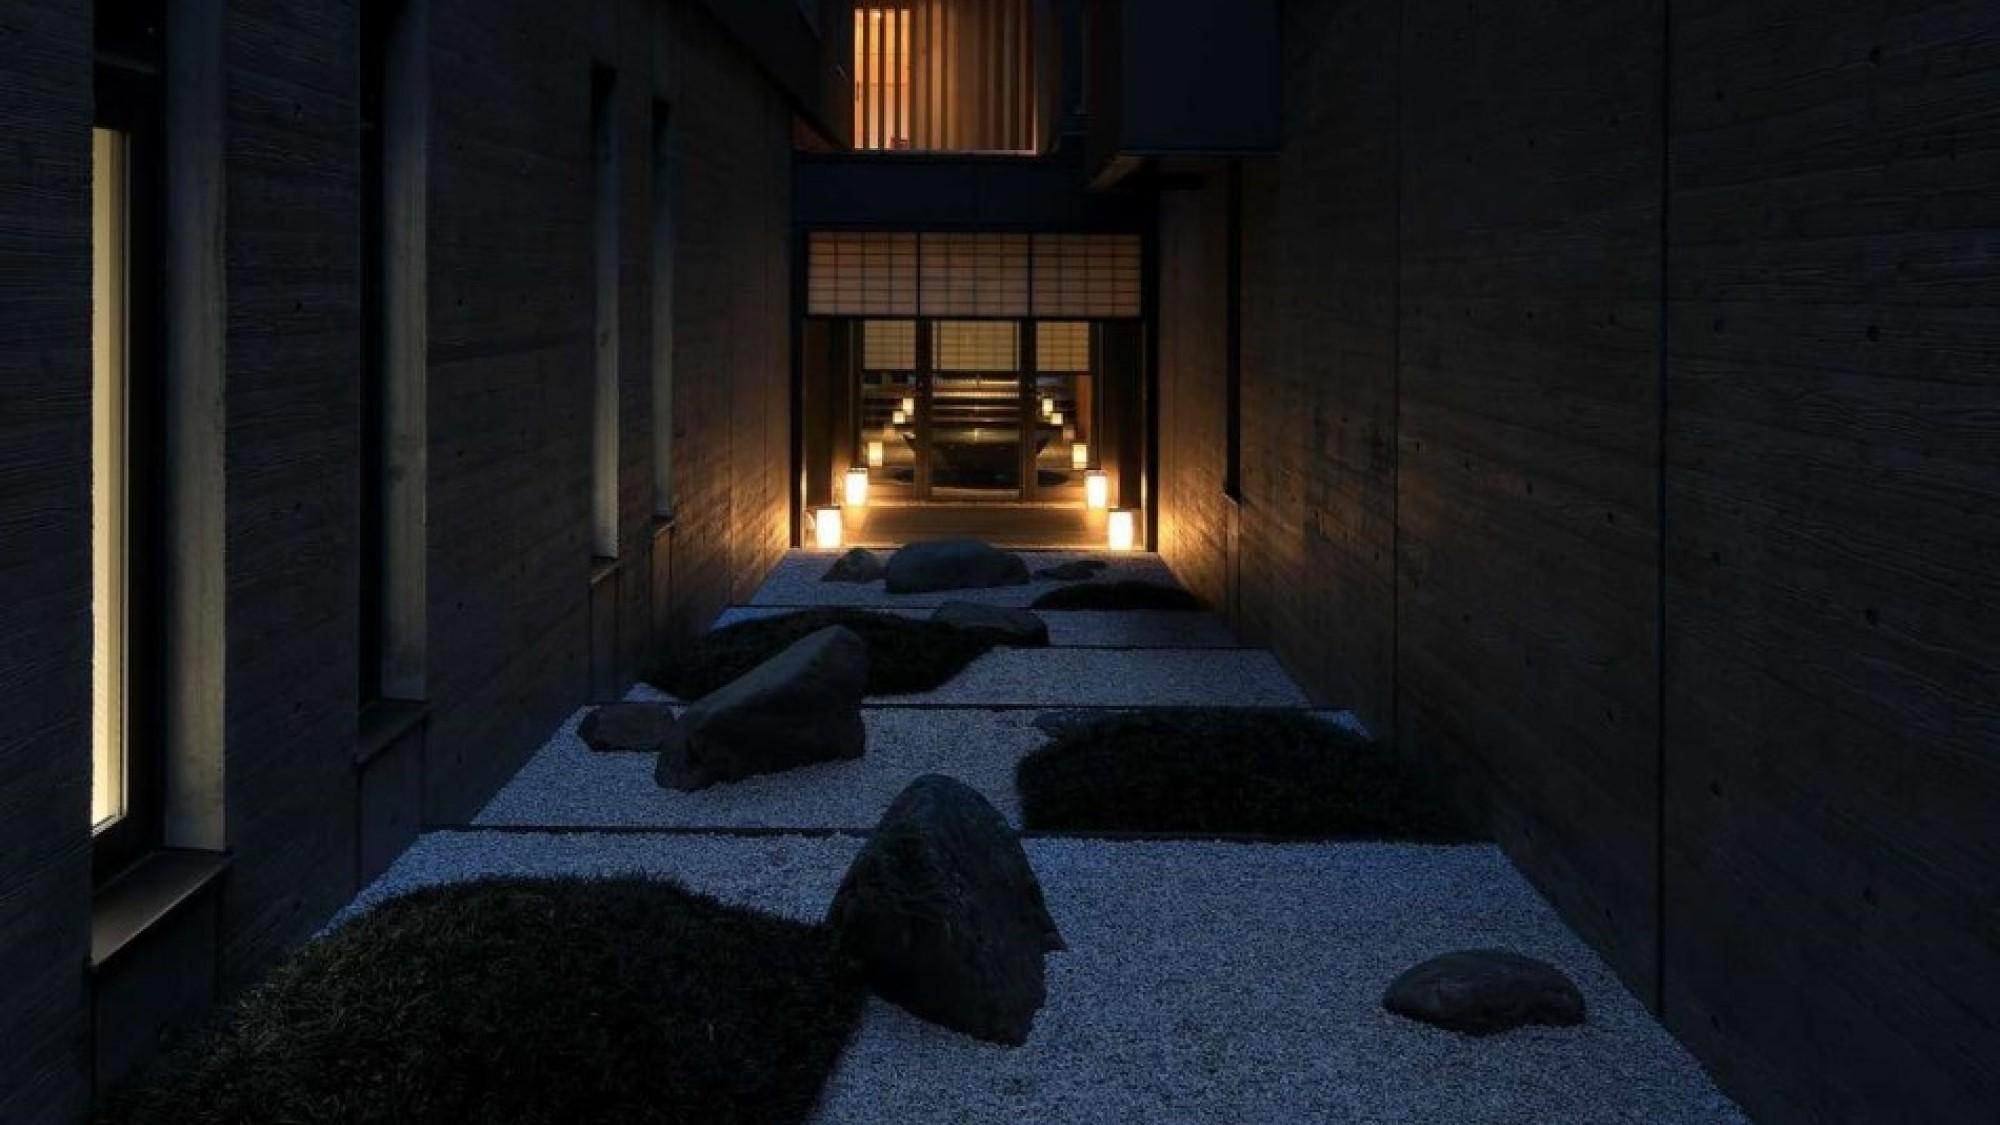 夜の中庭・ライトが映える幻想的な空間